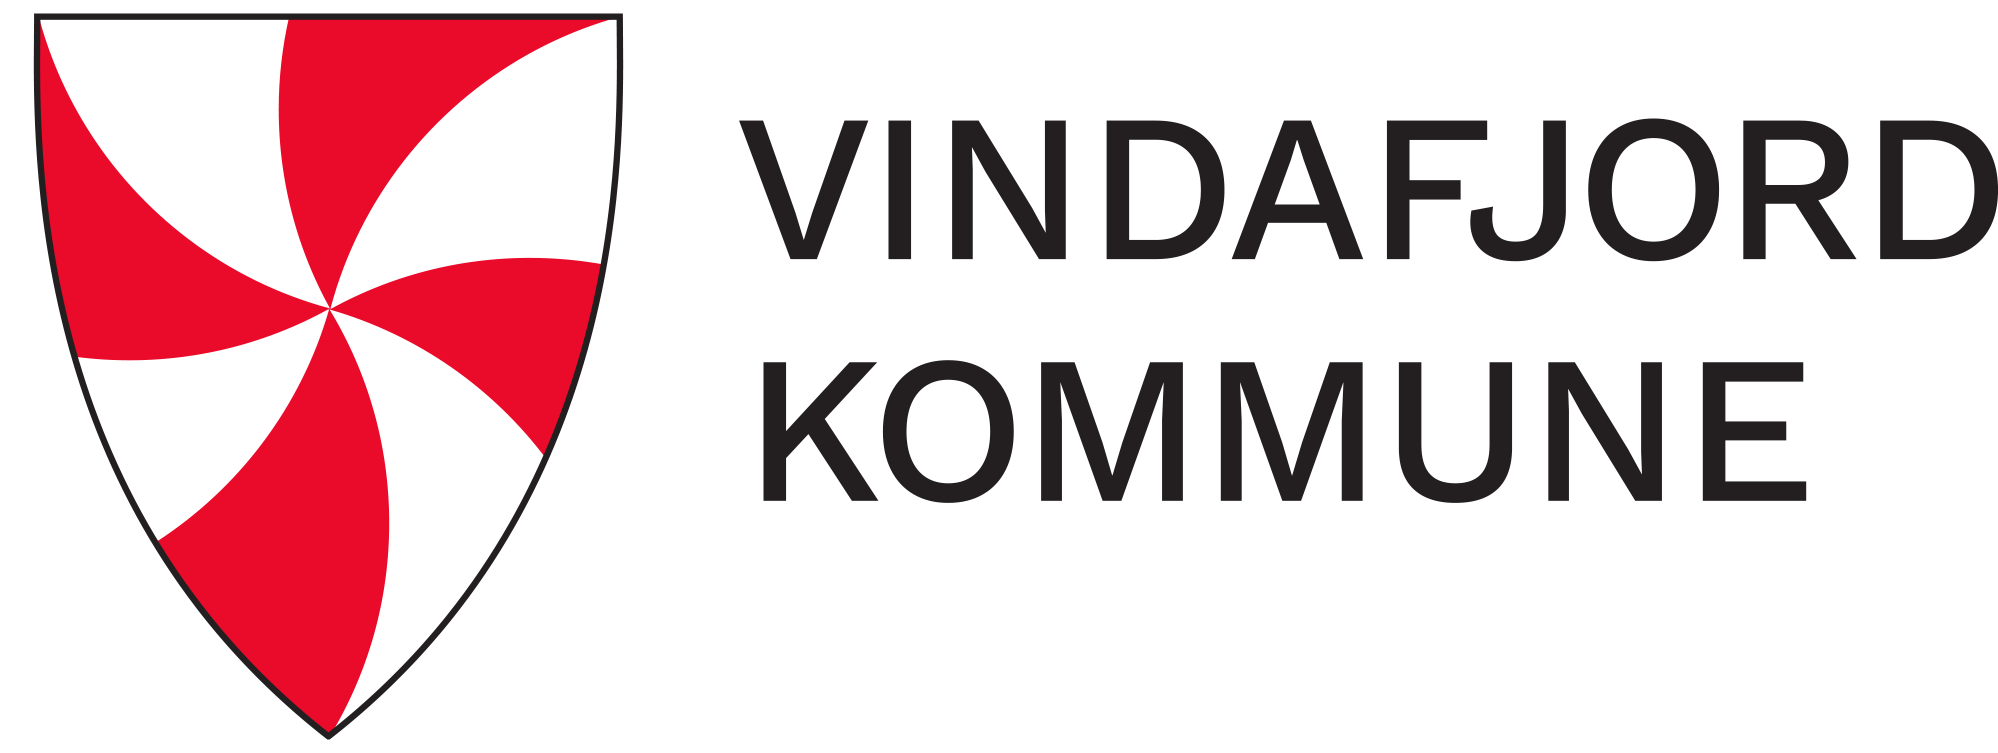 Vindafjord kommune logo